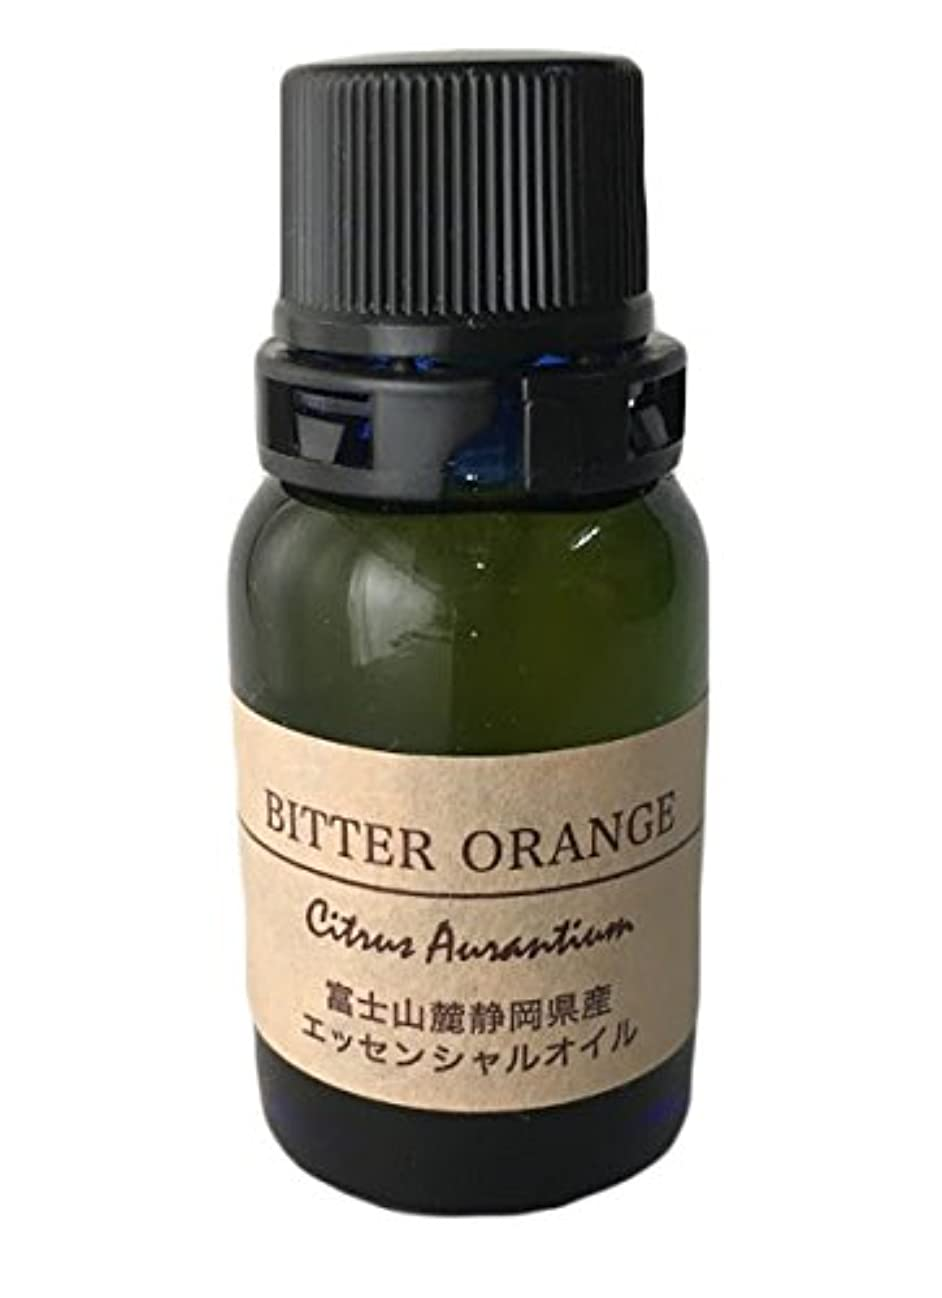 該当する恐れる滑りやすいエッセンシャルオイル ビターオレンジ 柑橘 系 精油 100% ピュア 【富士山麓 伊豆特産 アロマオイル】